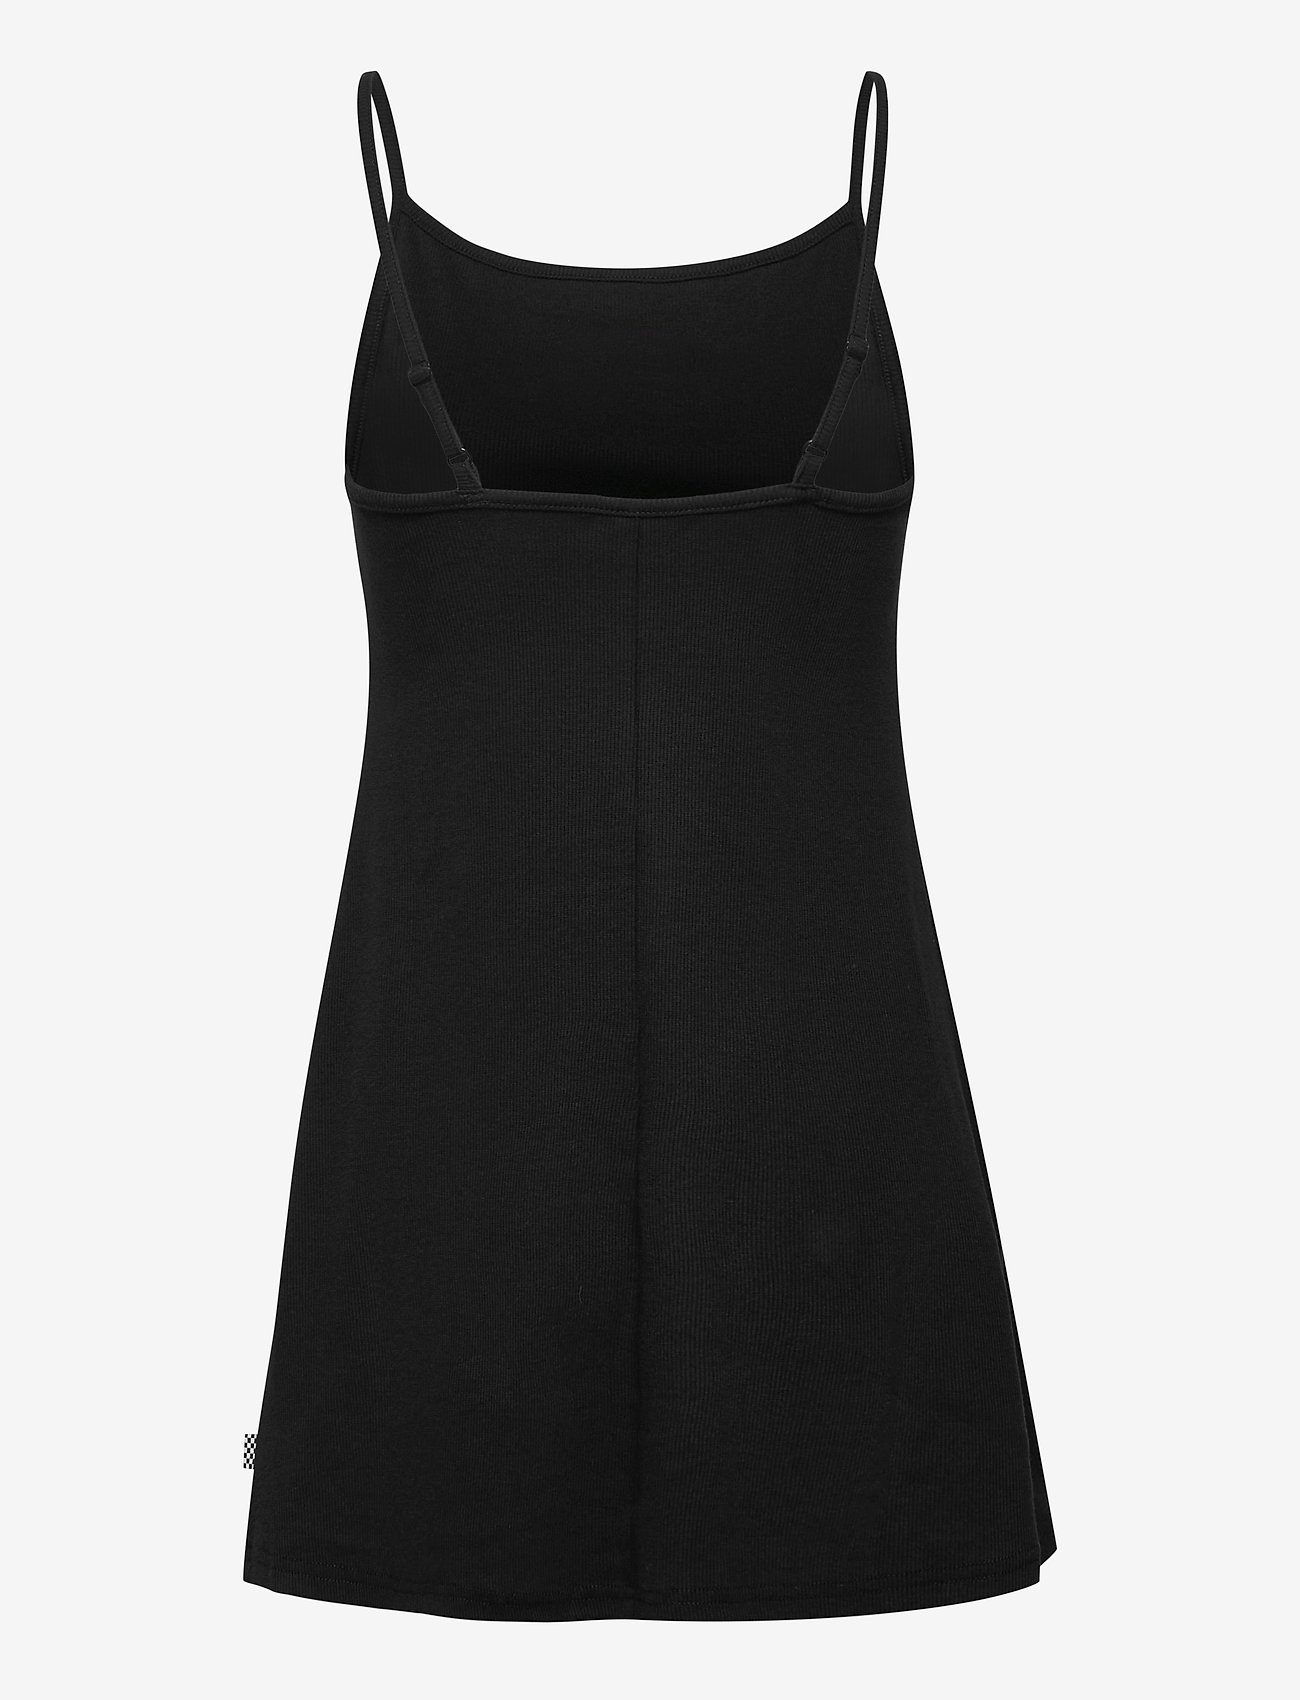 VANS - TOGETHER FOREVER DRESS - zomerjurken - black - 1